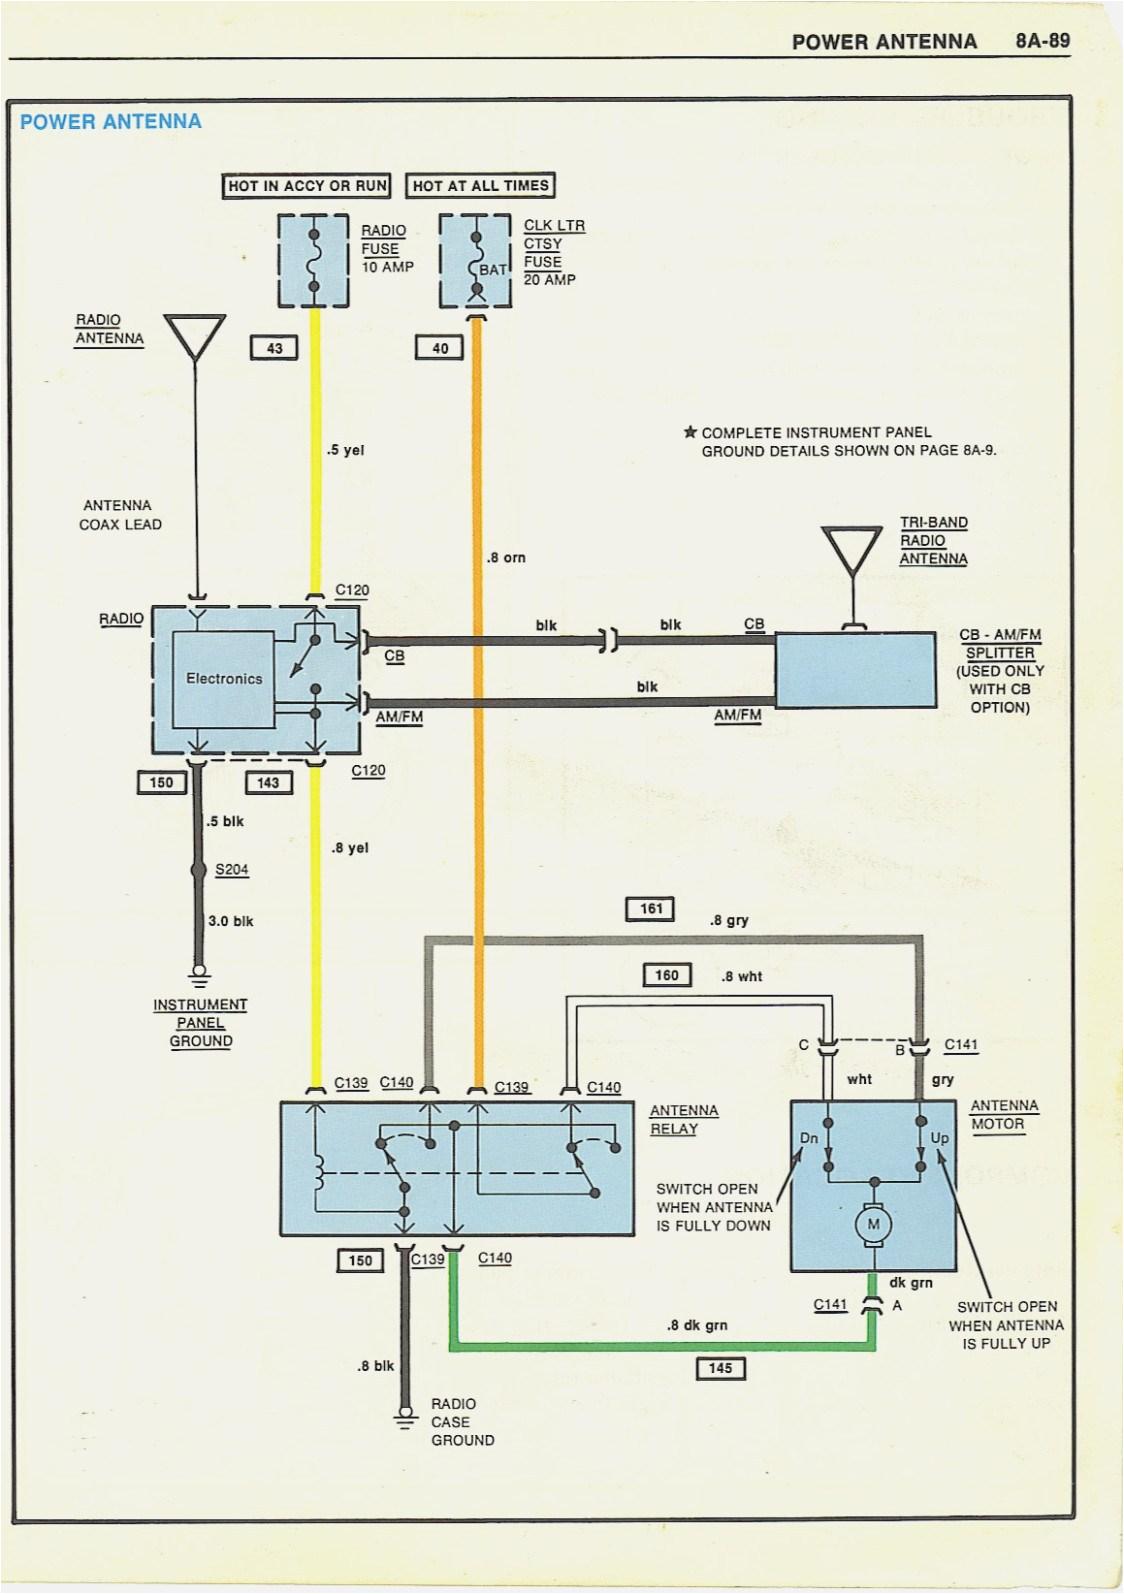 antenna 2wire wiring diagram wiring diagram 1988 camaro antenna wiring diagram wiring diagram expertpower antenna wiring